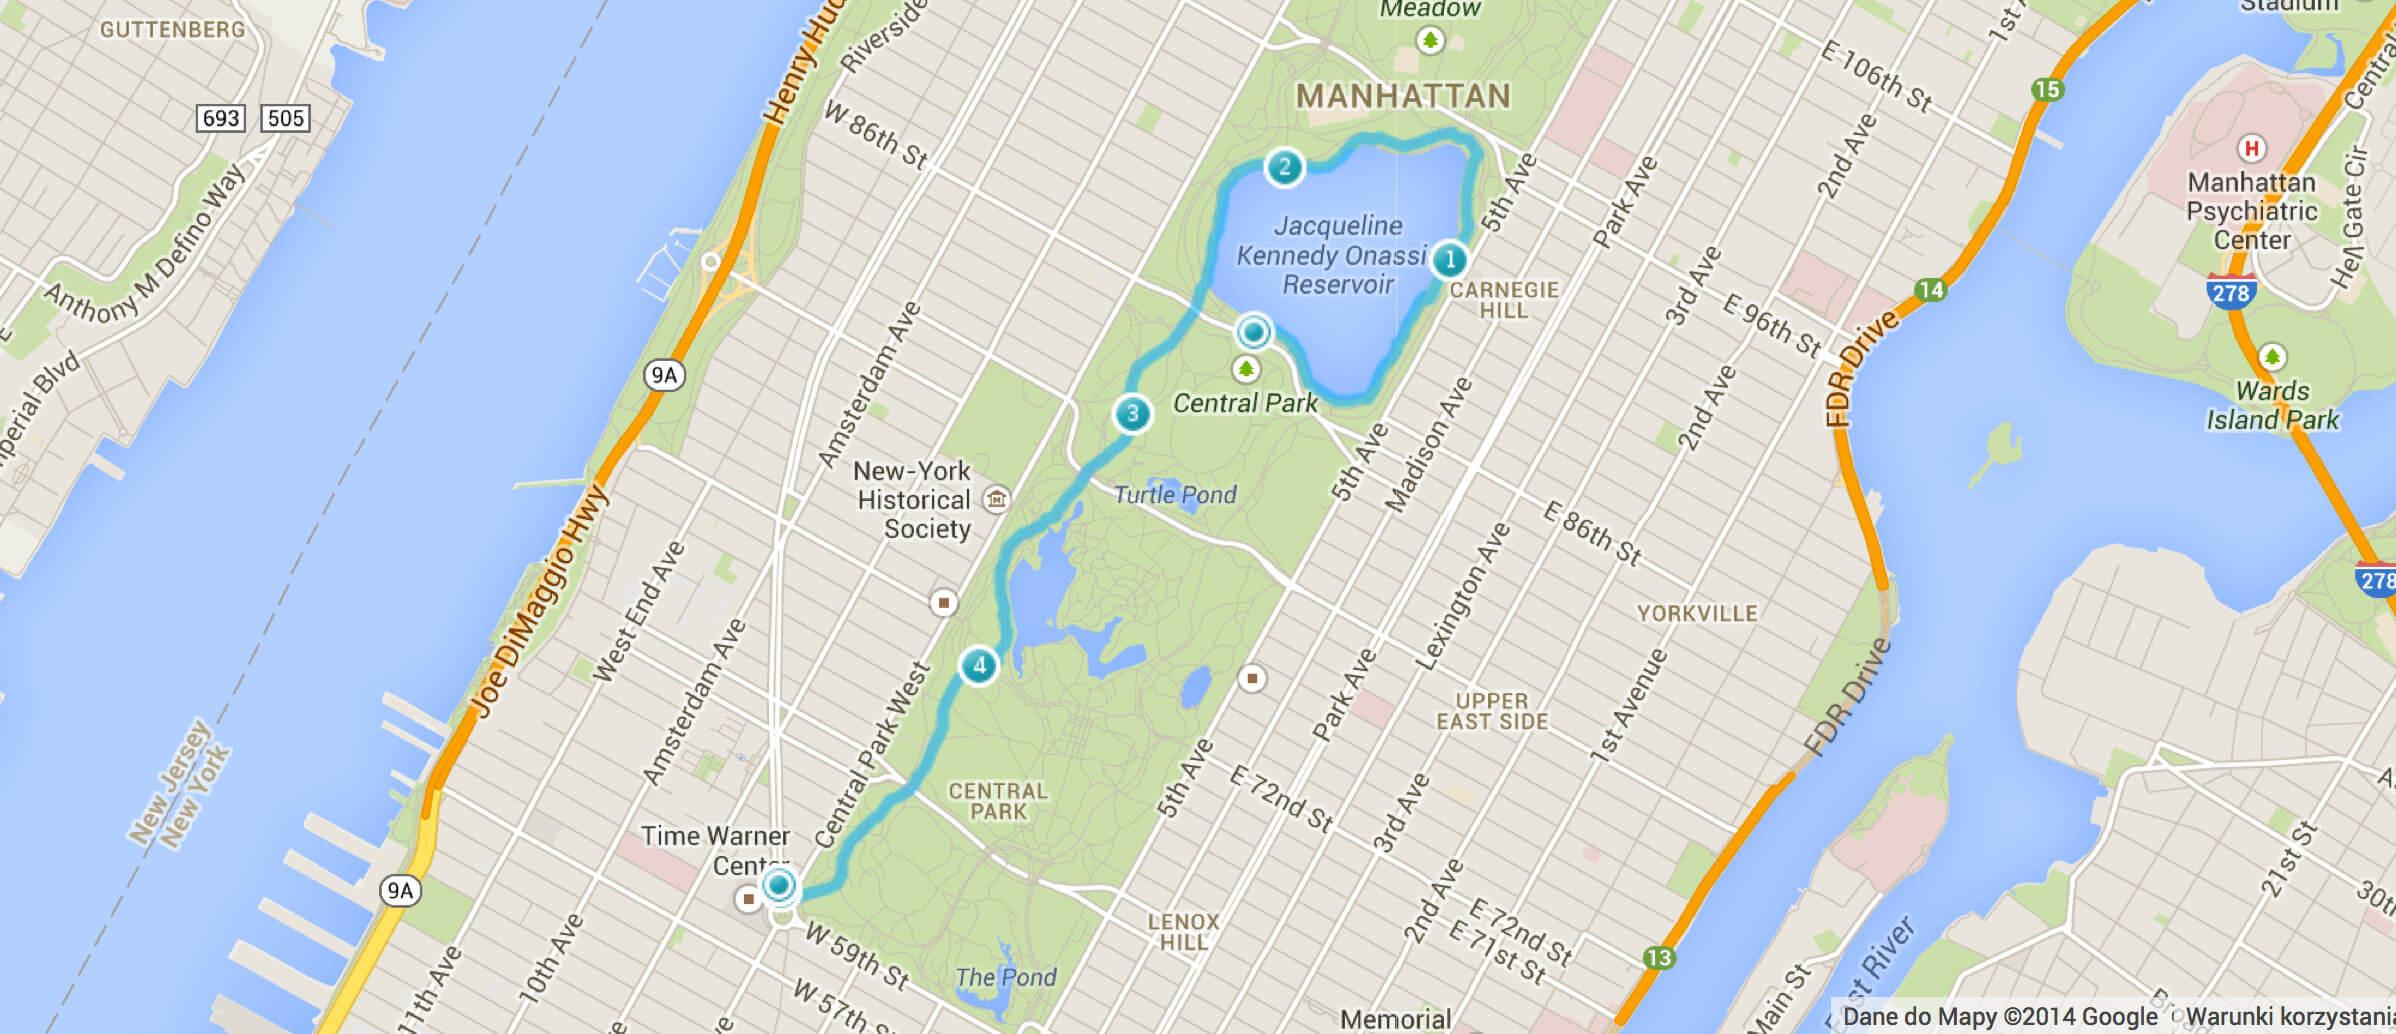 Dla porównania – mój pierwszy bieg w NYC, o którym pisałem wam 3 tygodnie temu. Central Park, 5 kilometrów. Byłem po nim wykończony i zniechęcony.